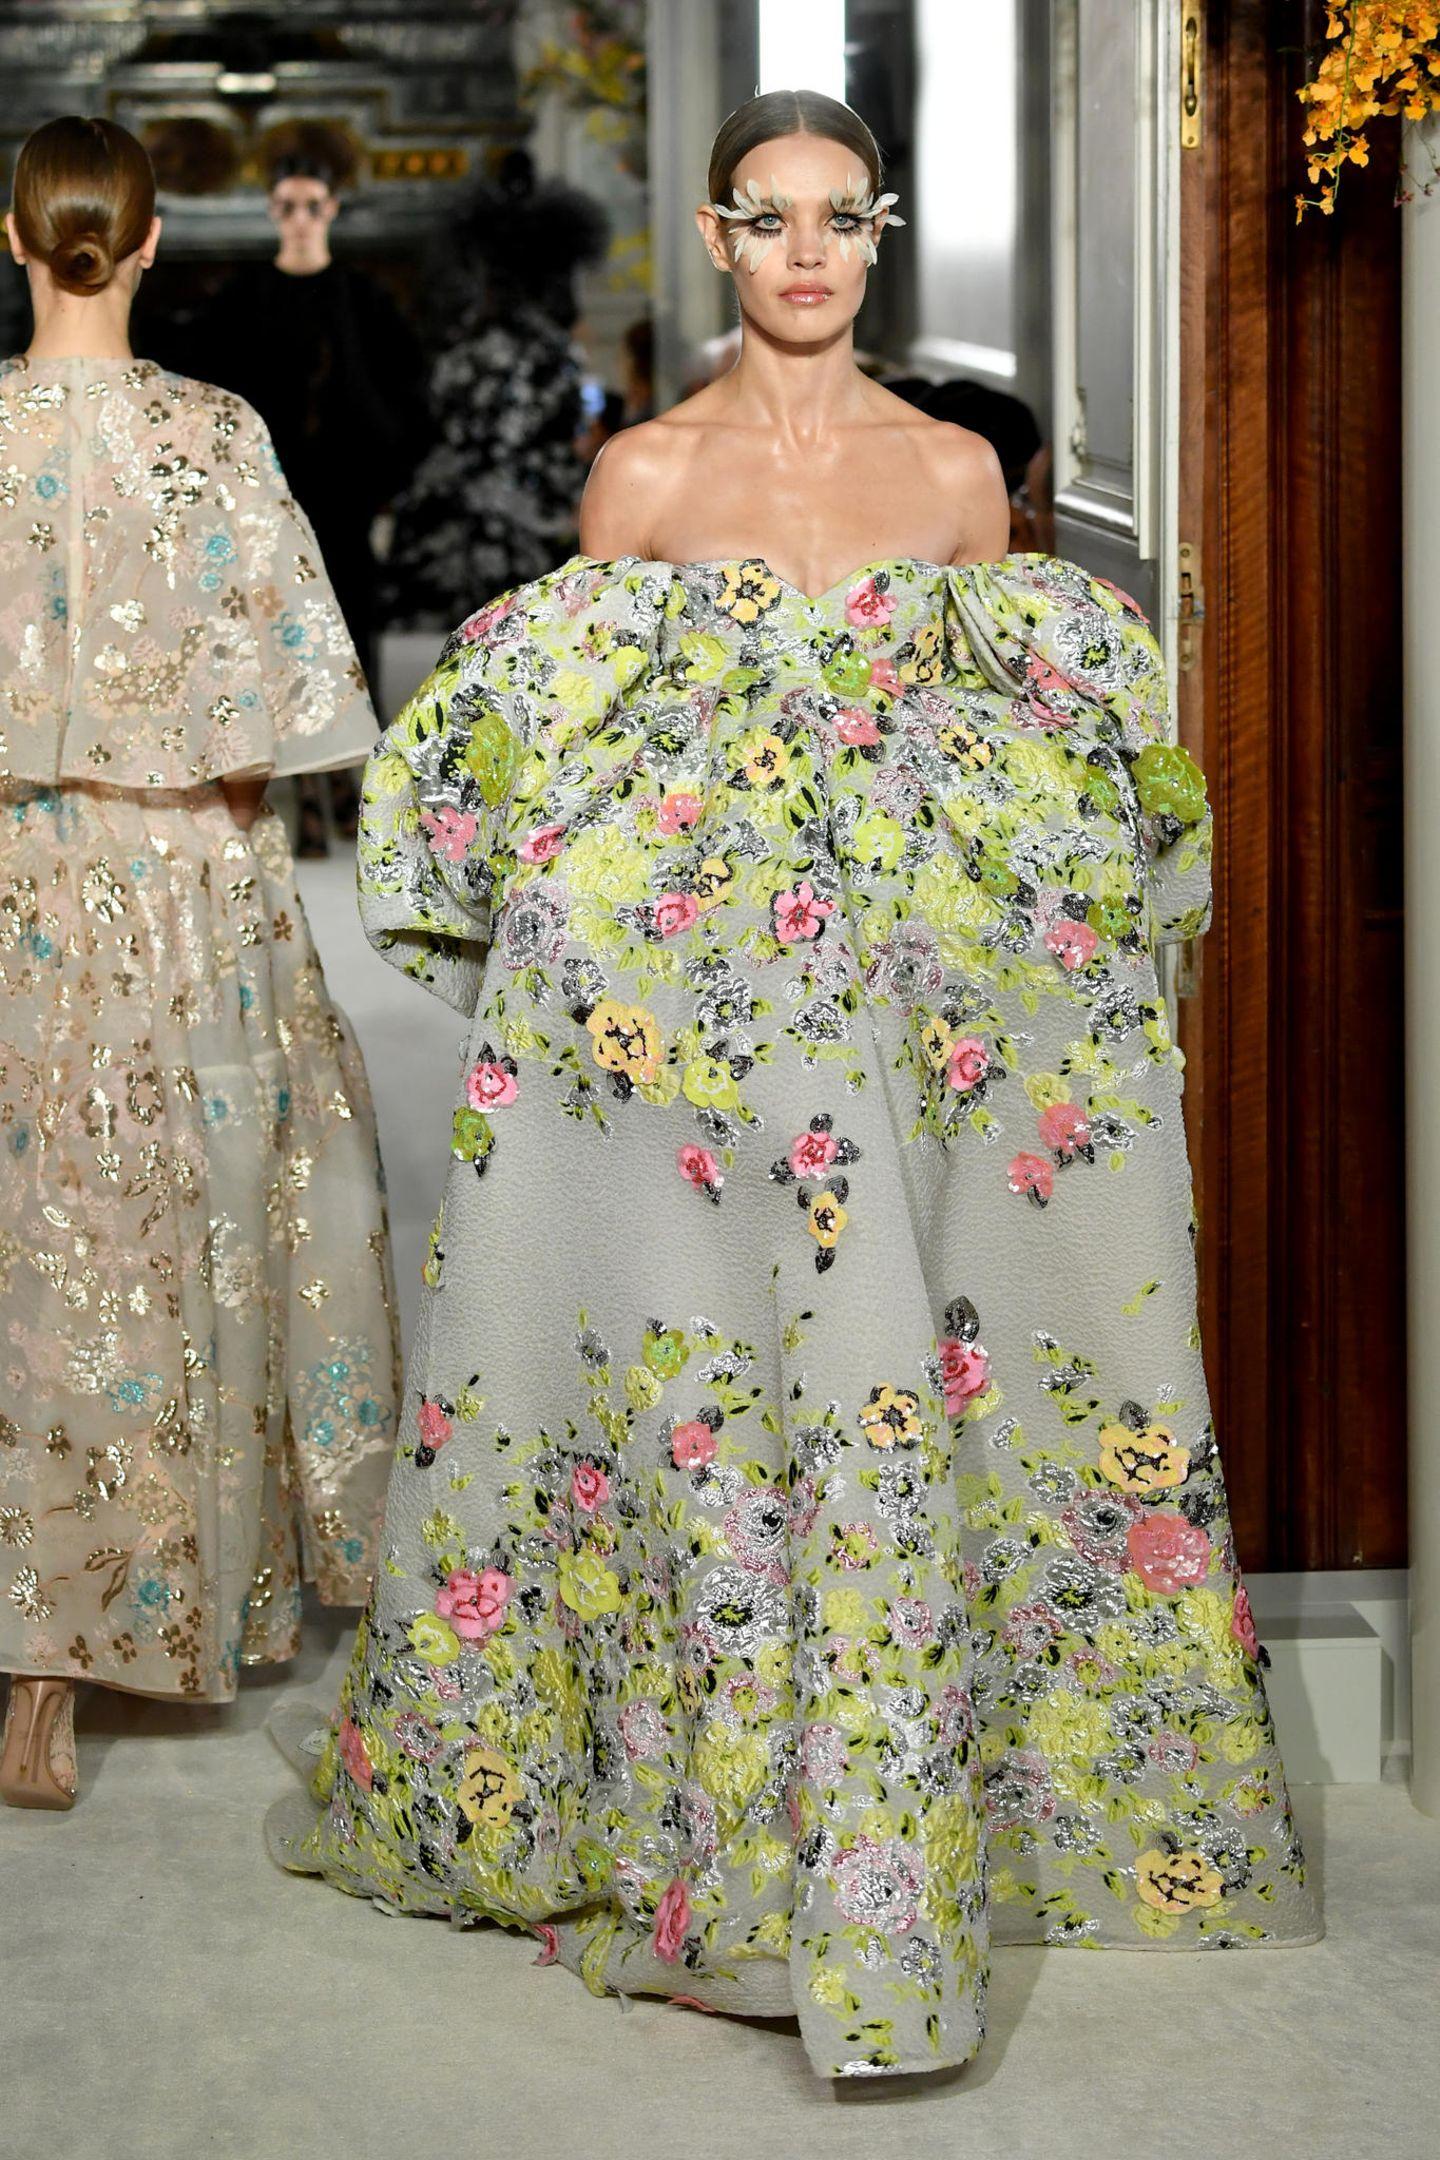 Genau wie viele andere Details der pompösen Feier blieb auch der Designer ihres Brautkleides geheim. Auf dem Laufsteg von Valentino war jedoch ein sehr ähnliches Modell zu bewundern. Während der Haute-Couture-Schauen im Januar wurde das Kleid mit opulenten Ärmeln, Blumenstickereien und trägerlosem V-Ausschnitt präsentiert. Ebenso auffällig. Im Sommer besuchten Heidi und Tom gemeinsam die Show des italienischen Labels - eine Premiere!